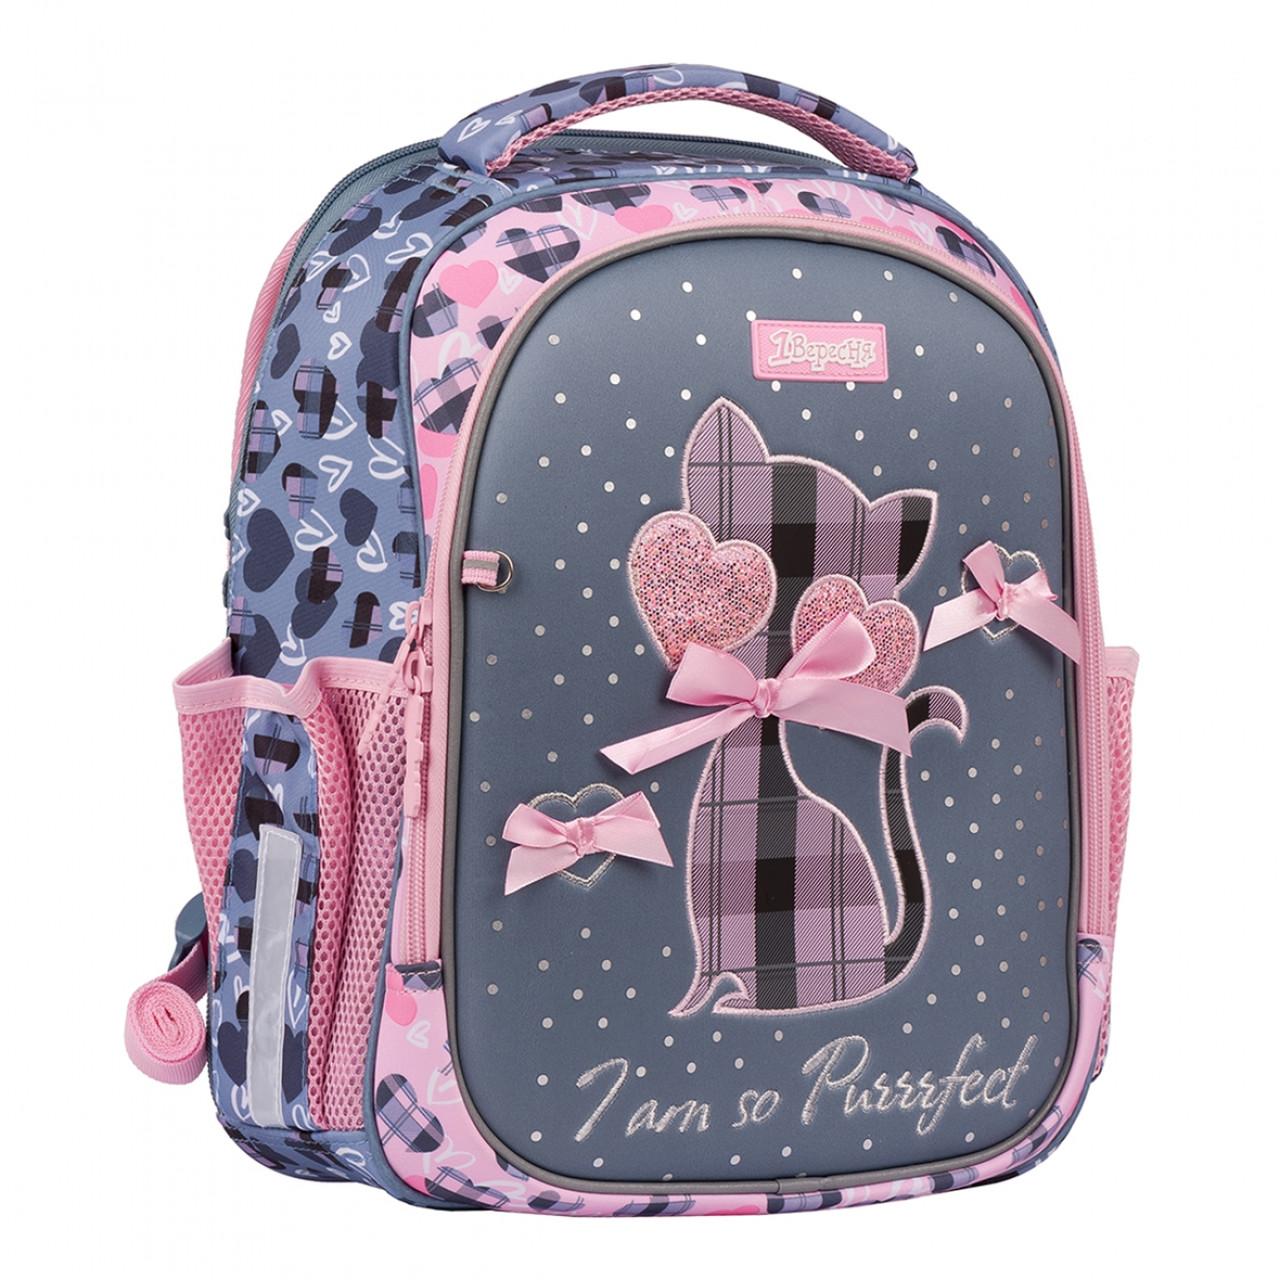 Рюкзак шкільний 1Вересня S-107 Purrrfect Рожевий/сірий (552001)